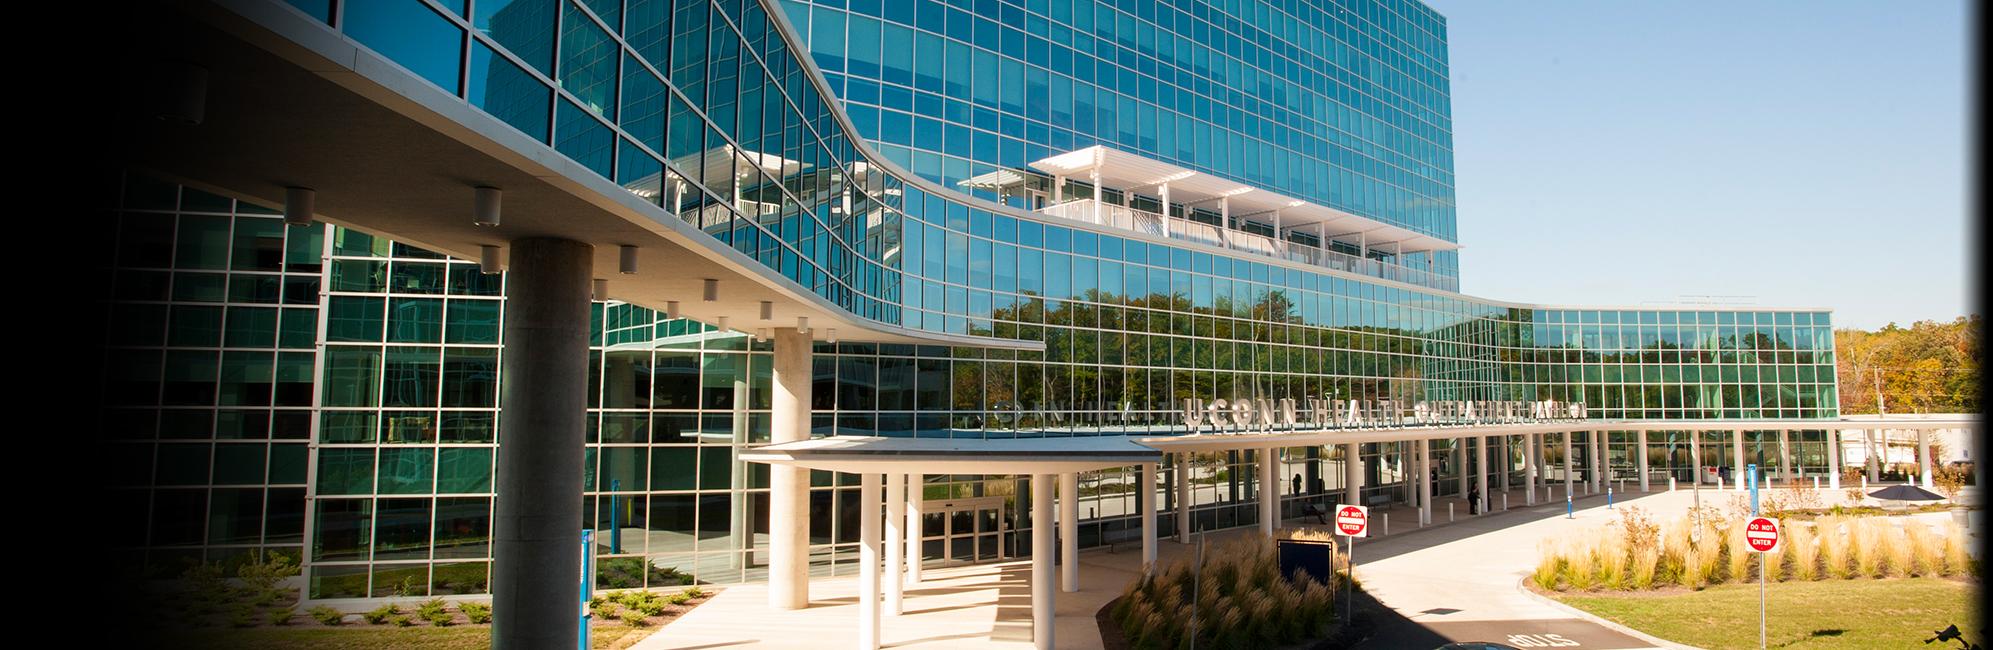 UConn Health Center Outpatient Pavillion